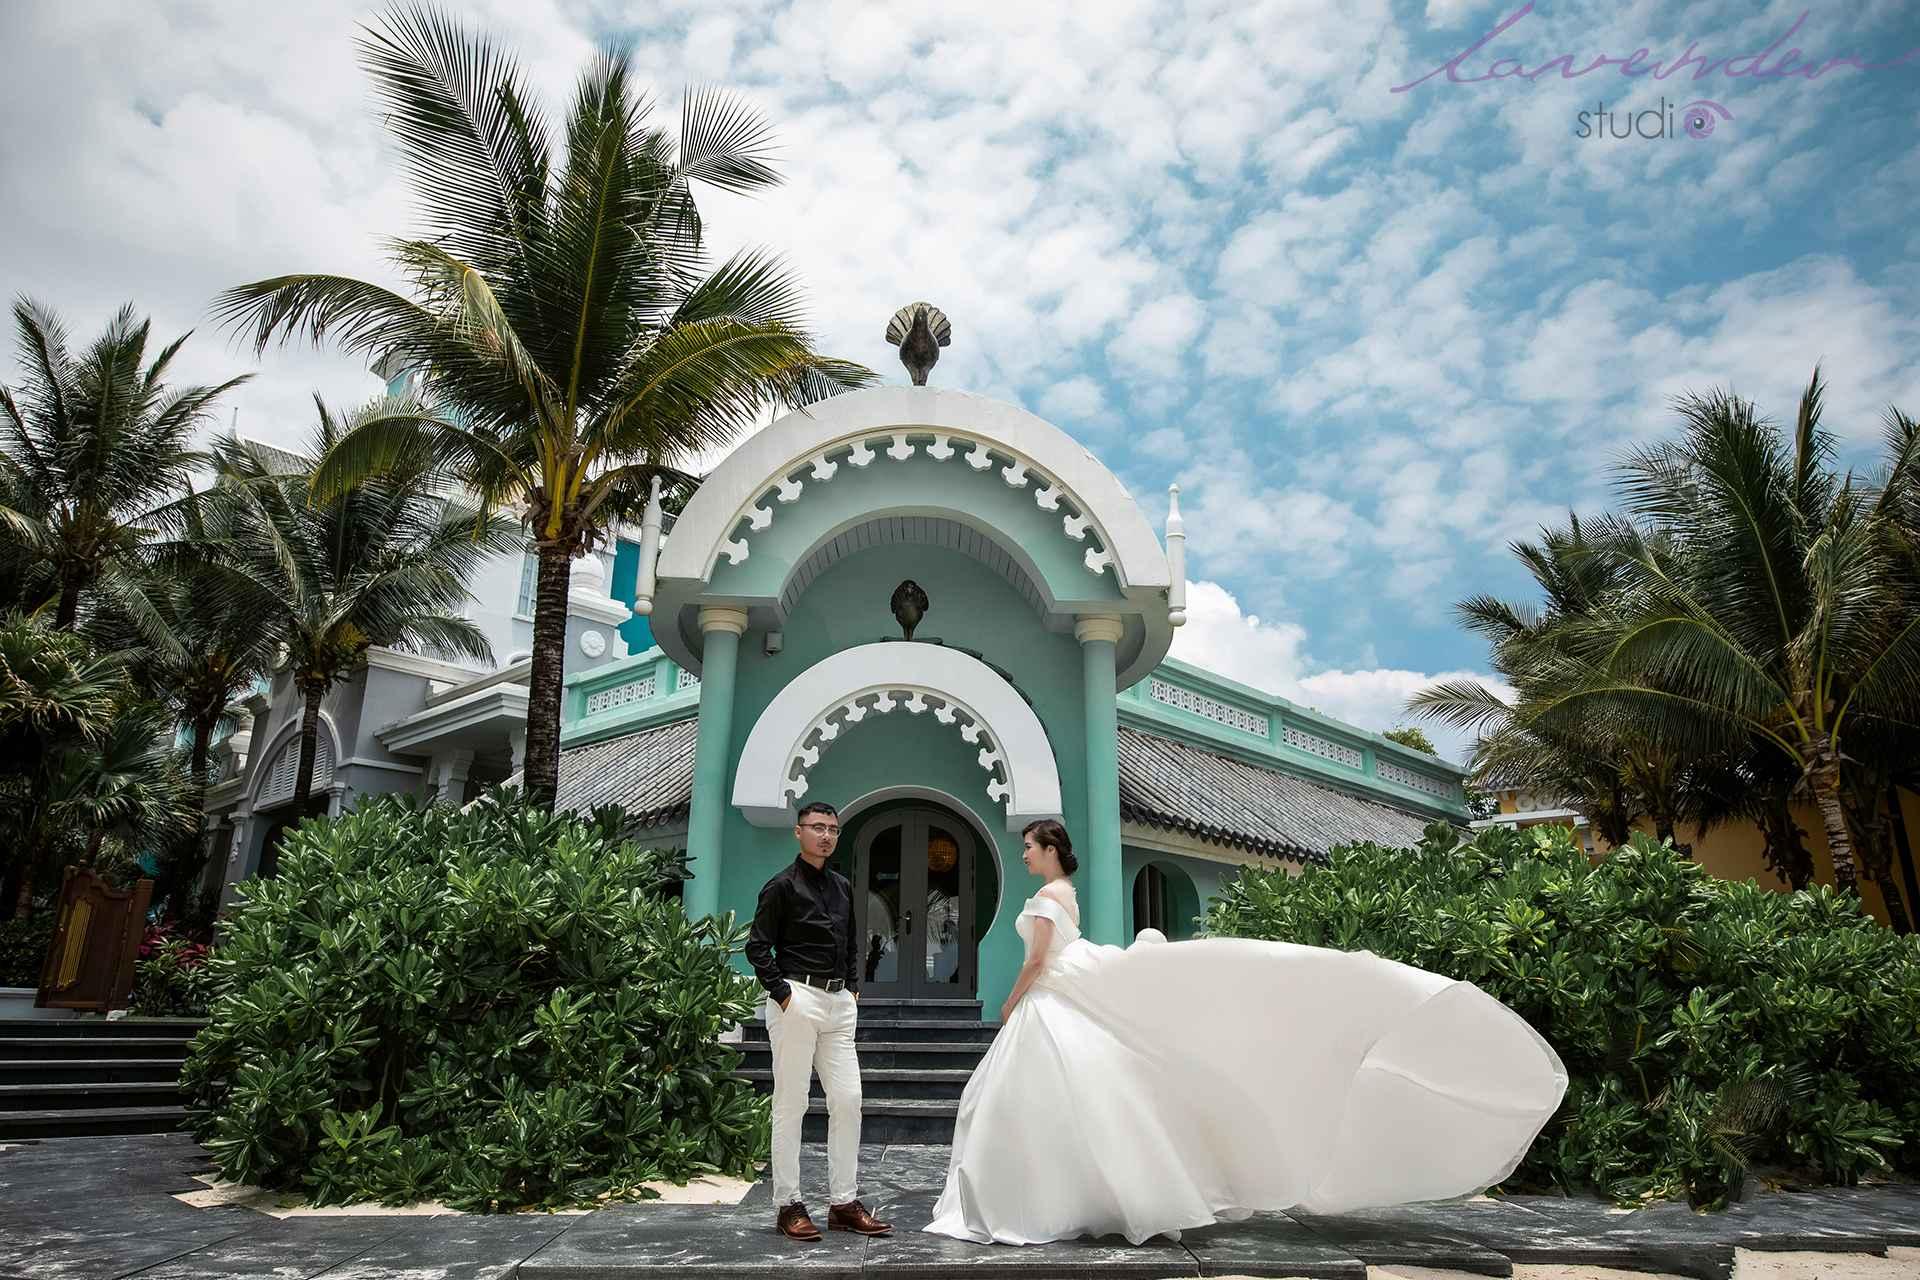 chụp hình cưới kết hợp du lịch Phú Quốc